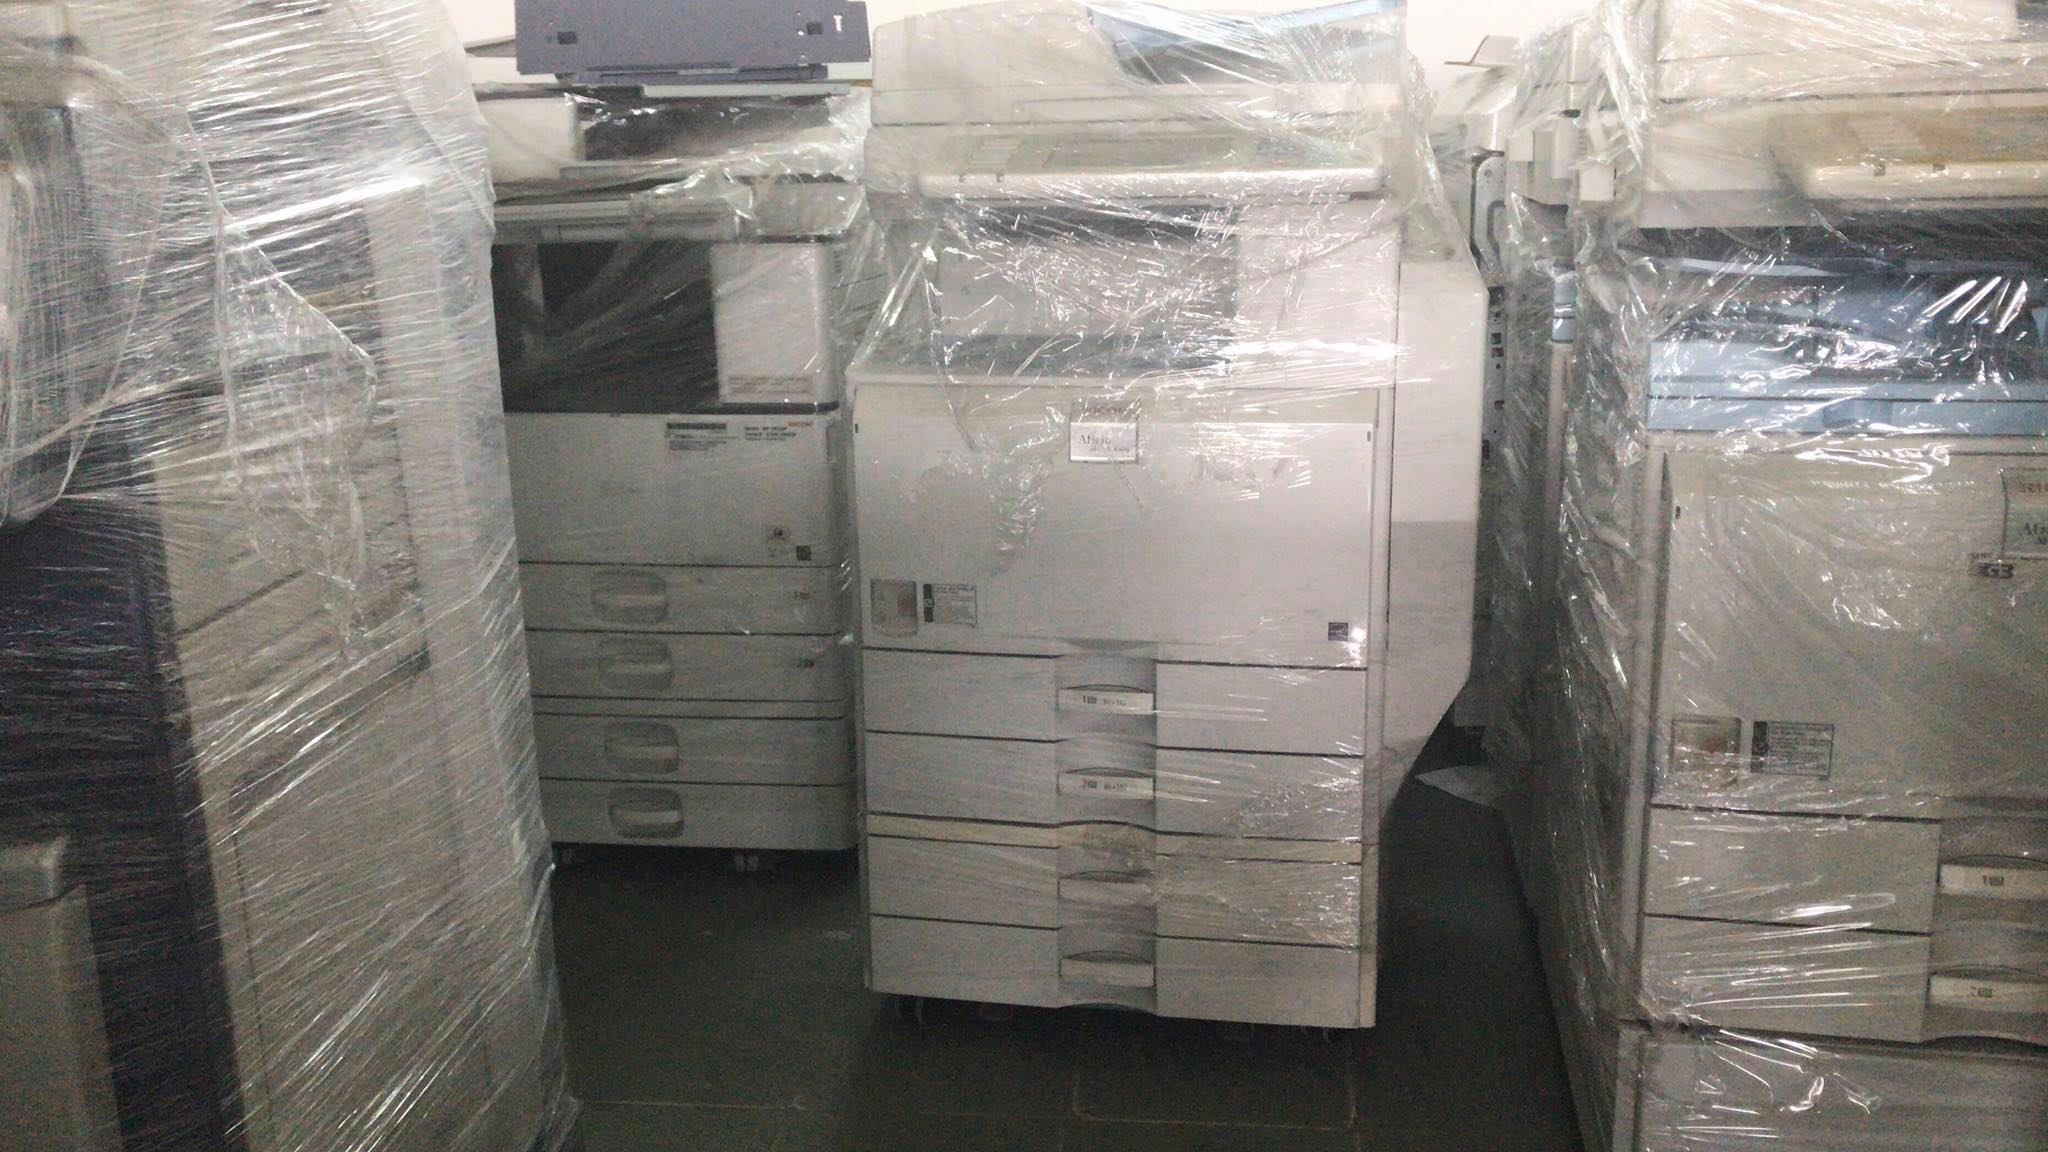 Cho thuê máy photocopy tại Vũng Tàu